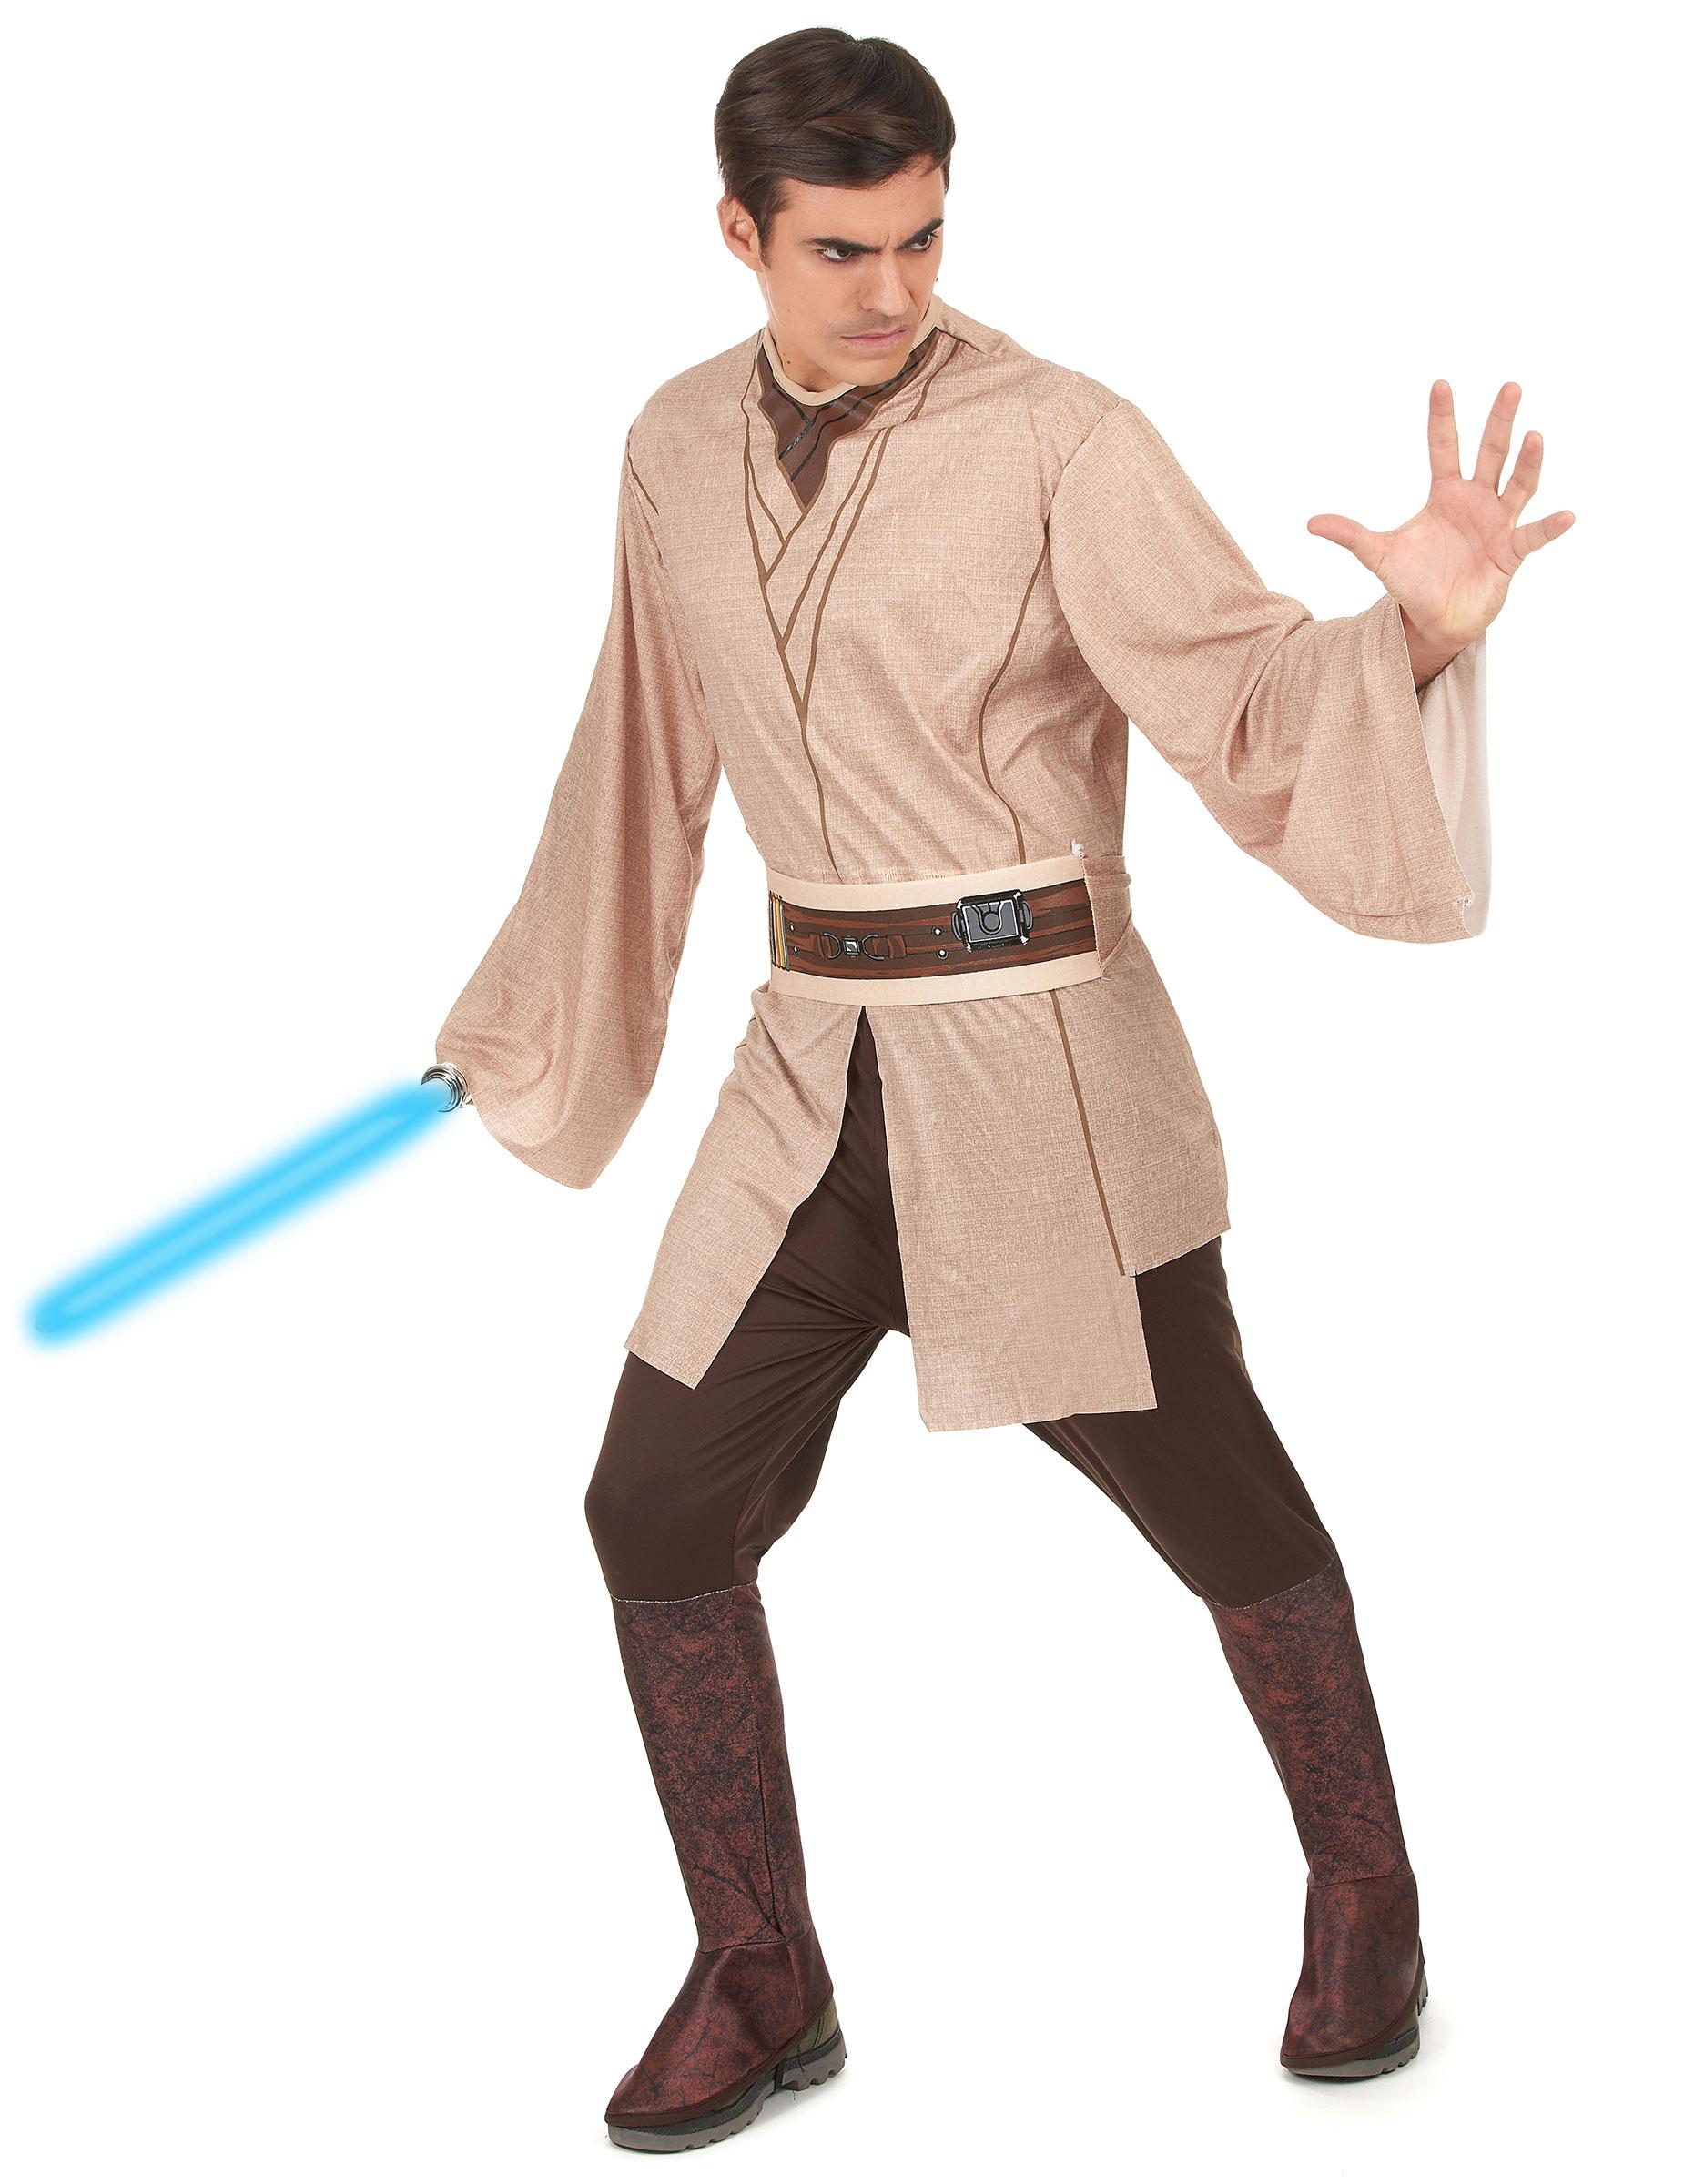 jedi ritter star wars kostum lizenzware beige braun